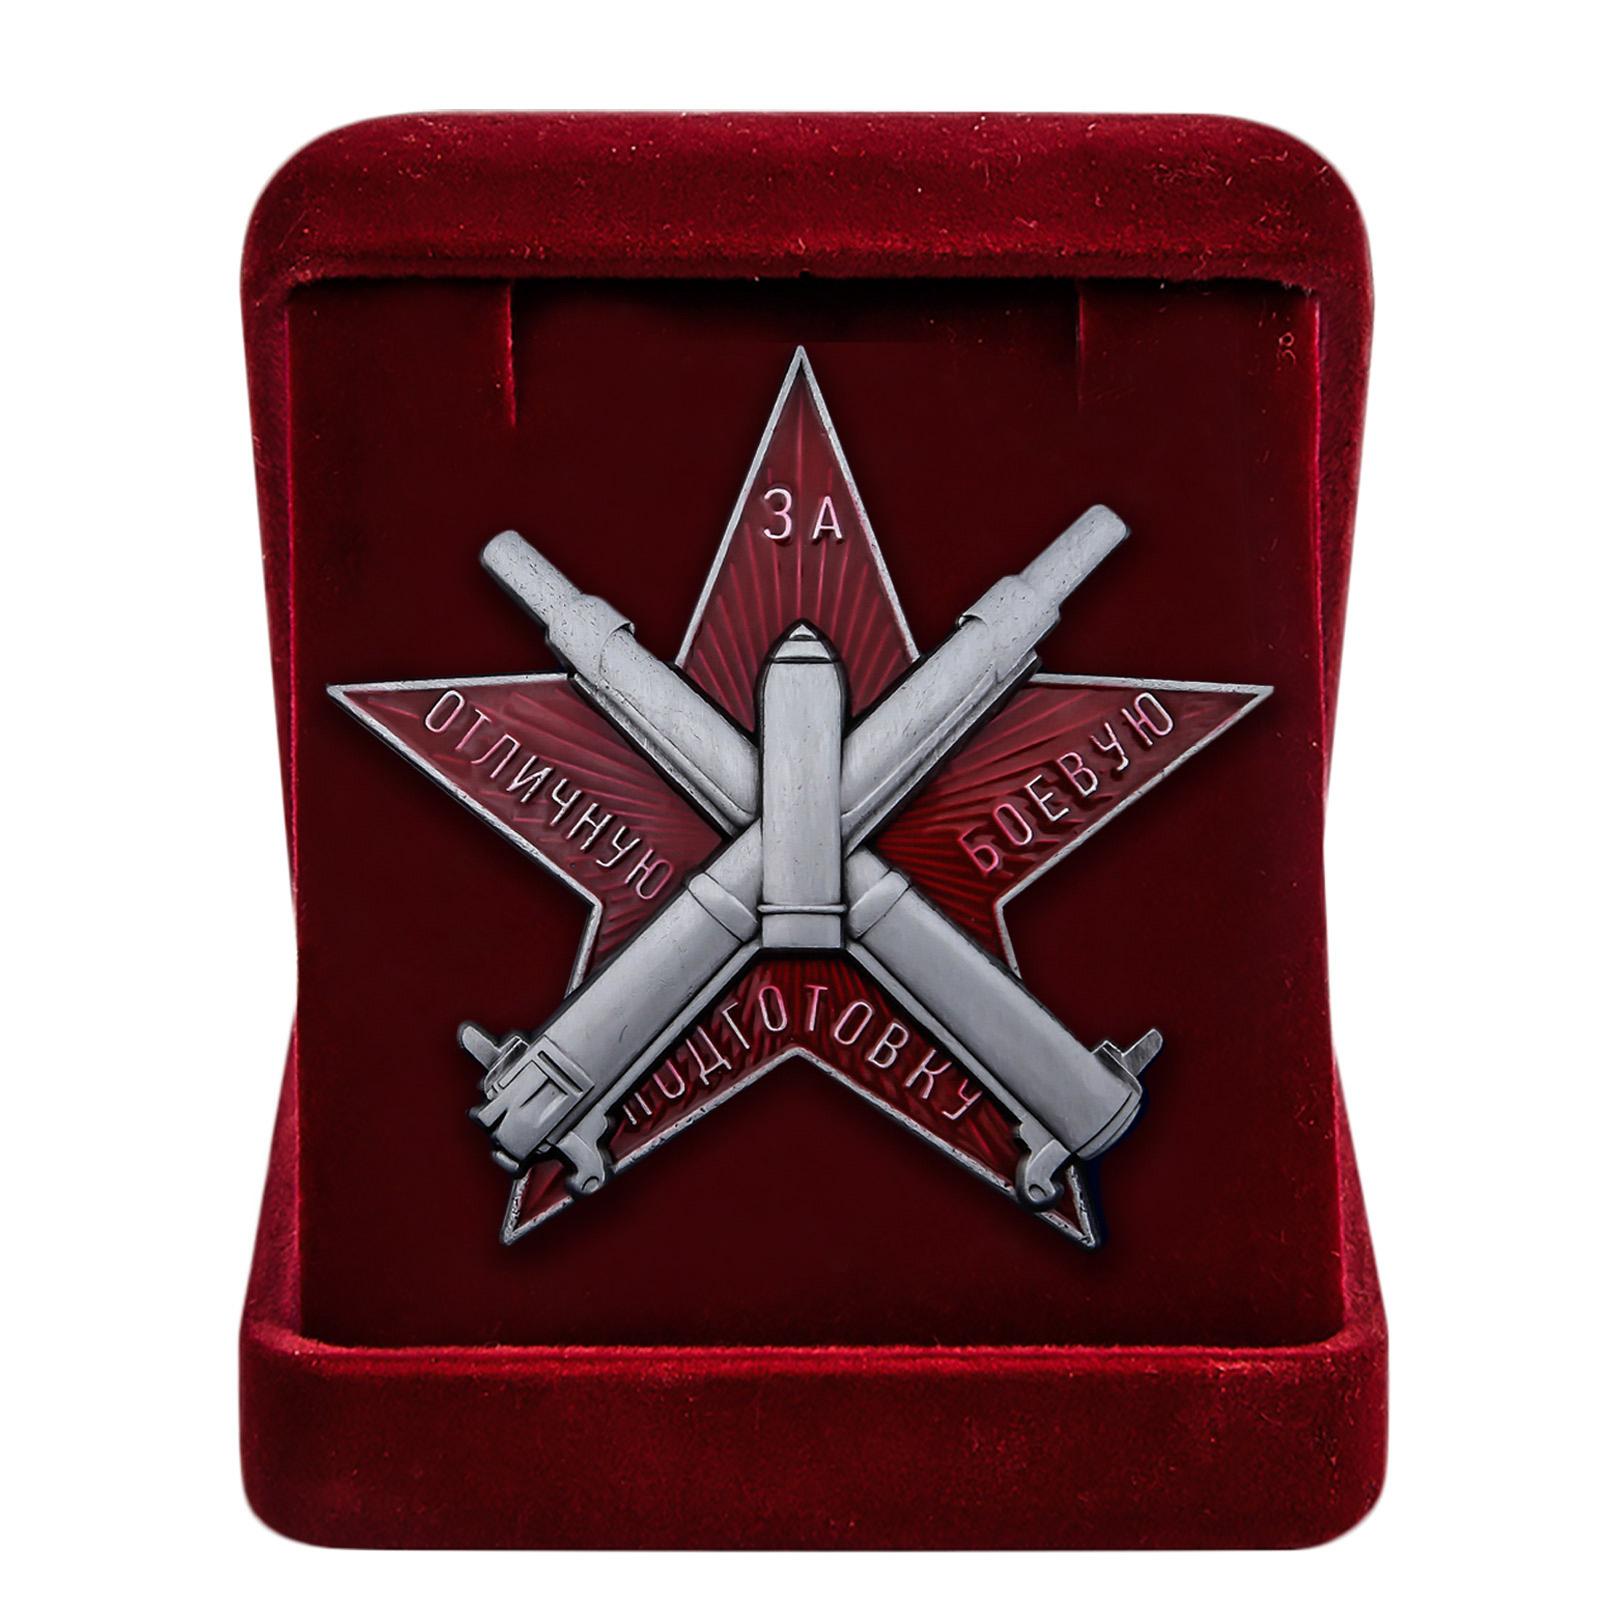 Купить наградной знак За отличную боевую подготовку оптом или в розницу